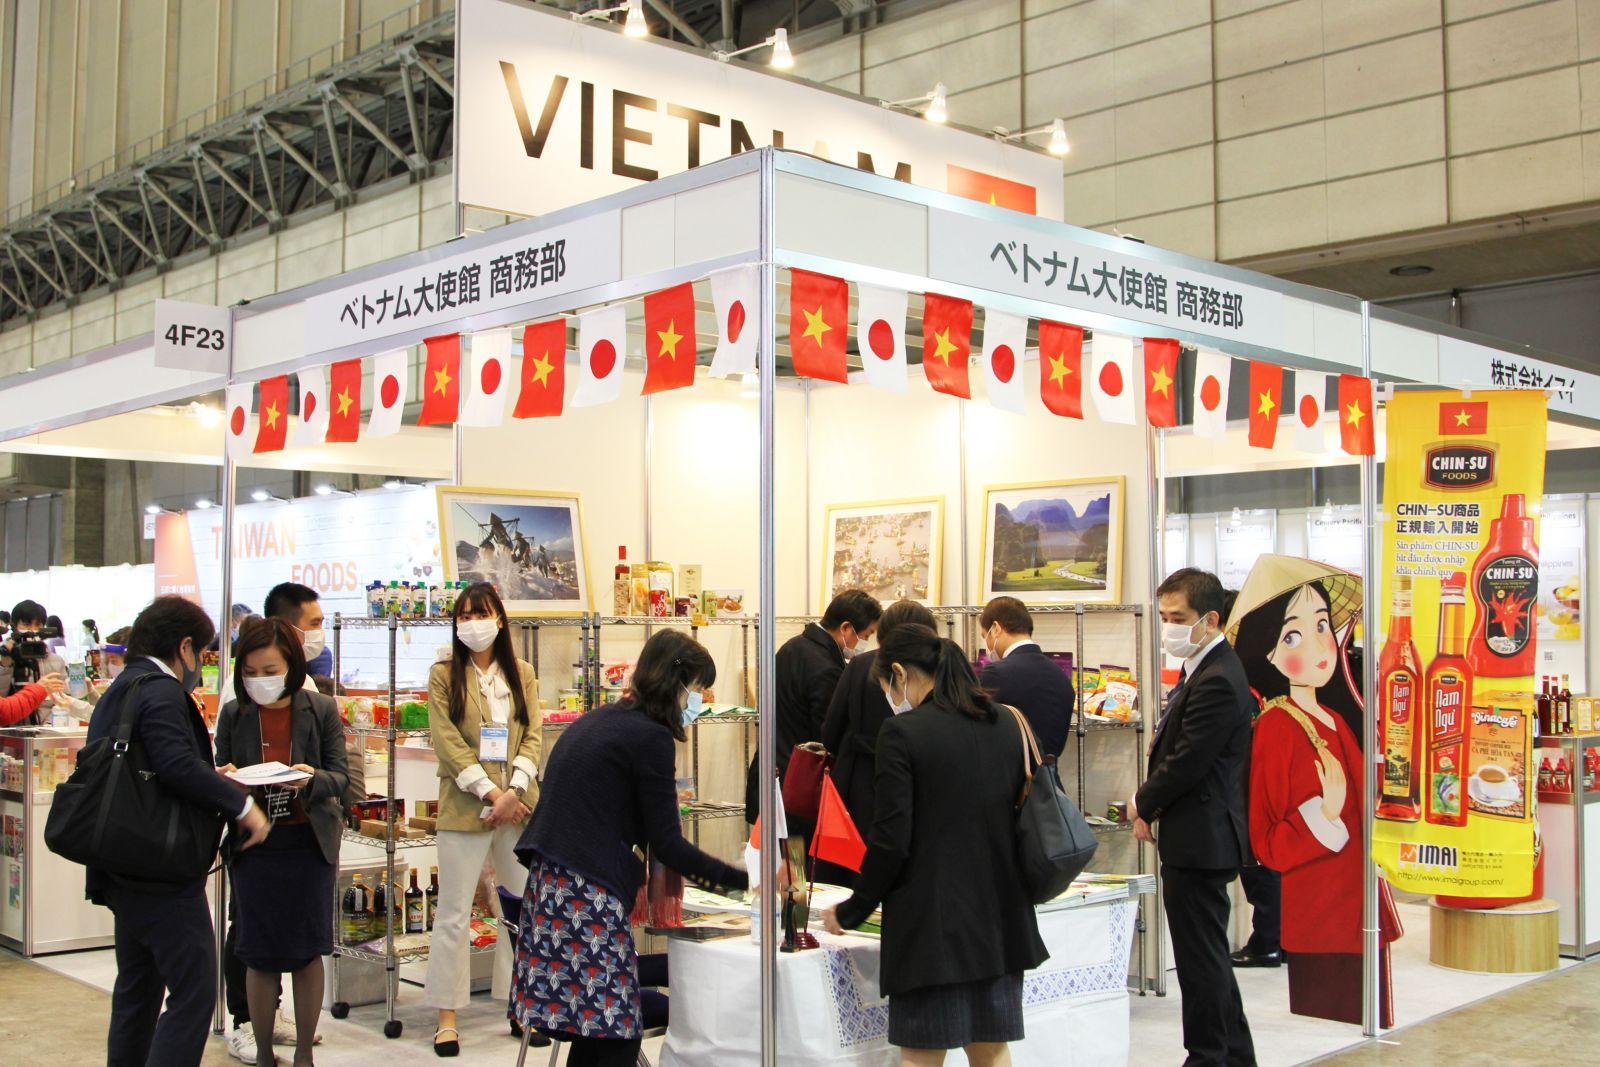 Tại gian hàng, du khách được nếm thử tương ớt Chin-Su với đặc sản Nhật Bản: Tokoyaki (bánh bao nhân bạch tuộc hấp)